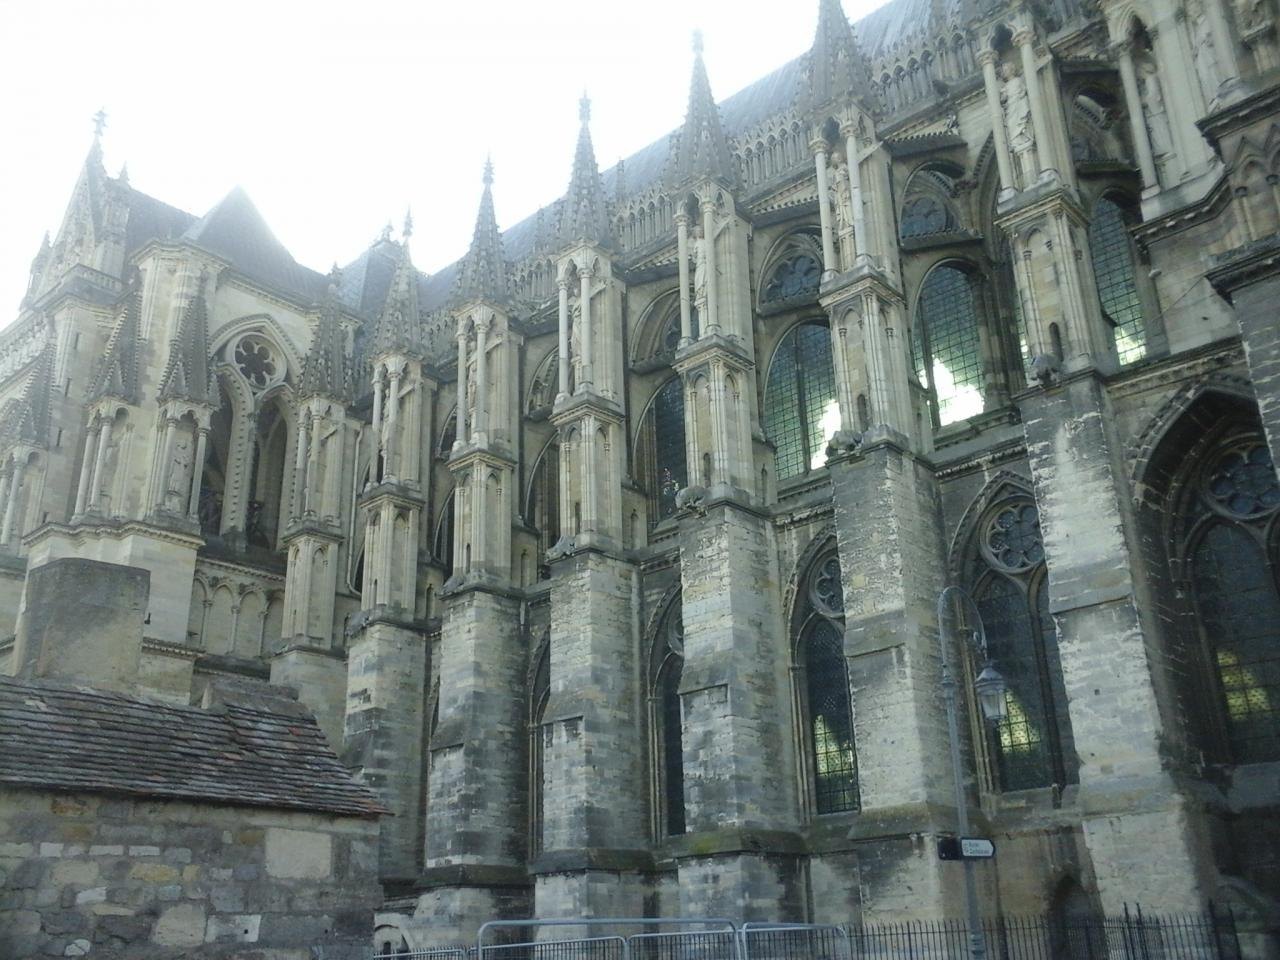 Le flan gauche de la cathèdrale de Reims